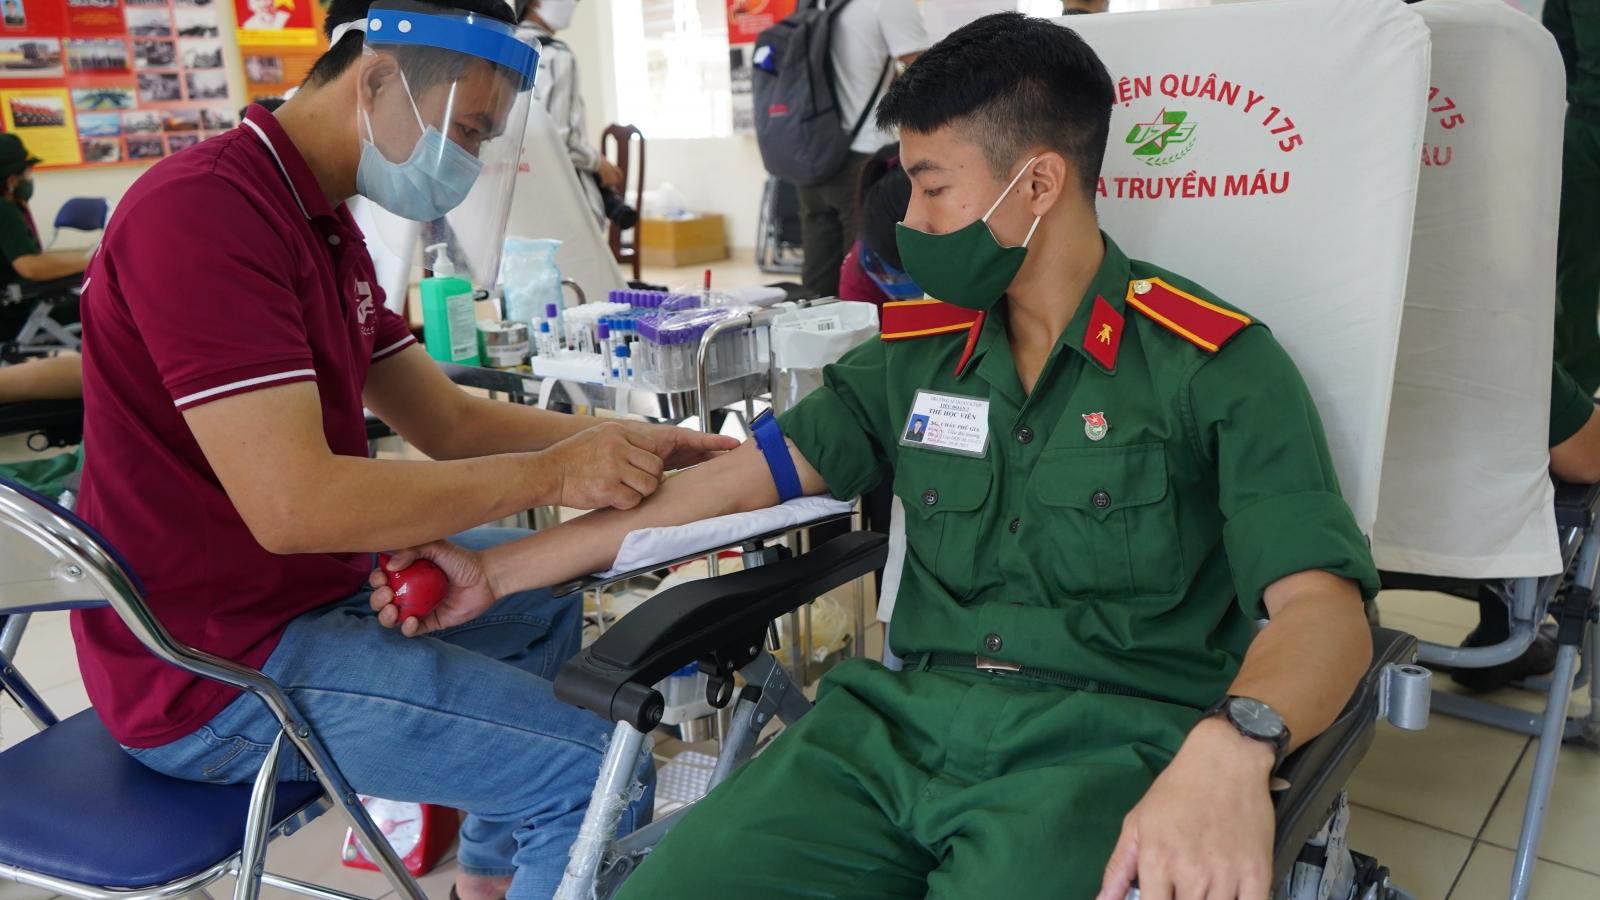 Trường Sĩquan Kỹ thuật Quân sự tham gia hiến hơn 300 đơn vị máu